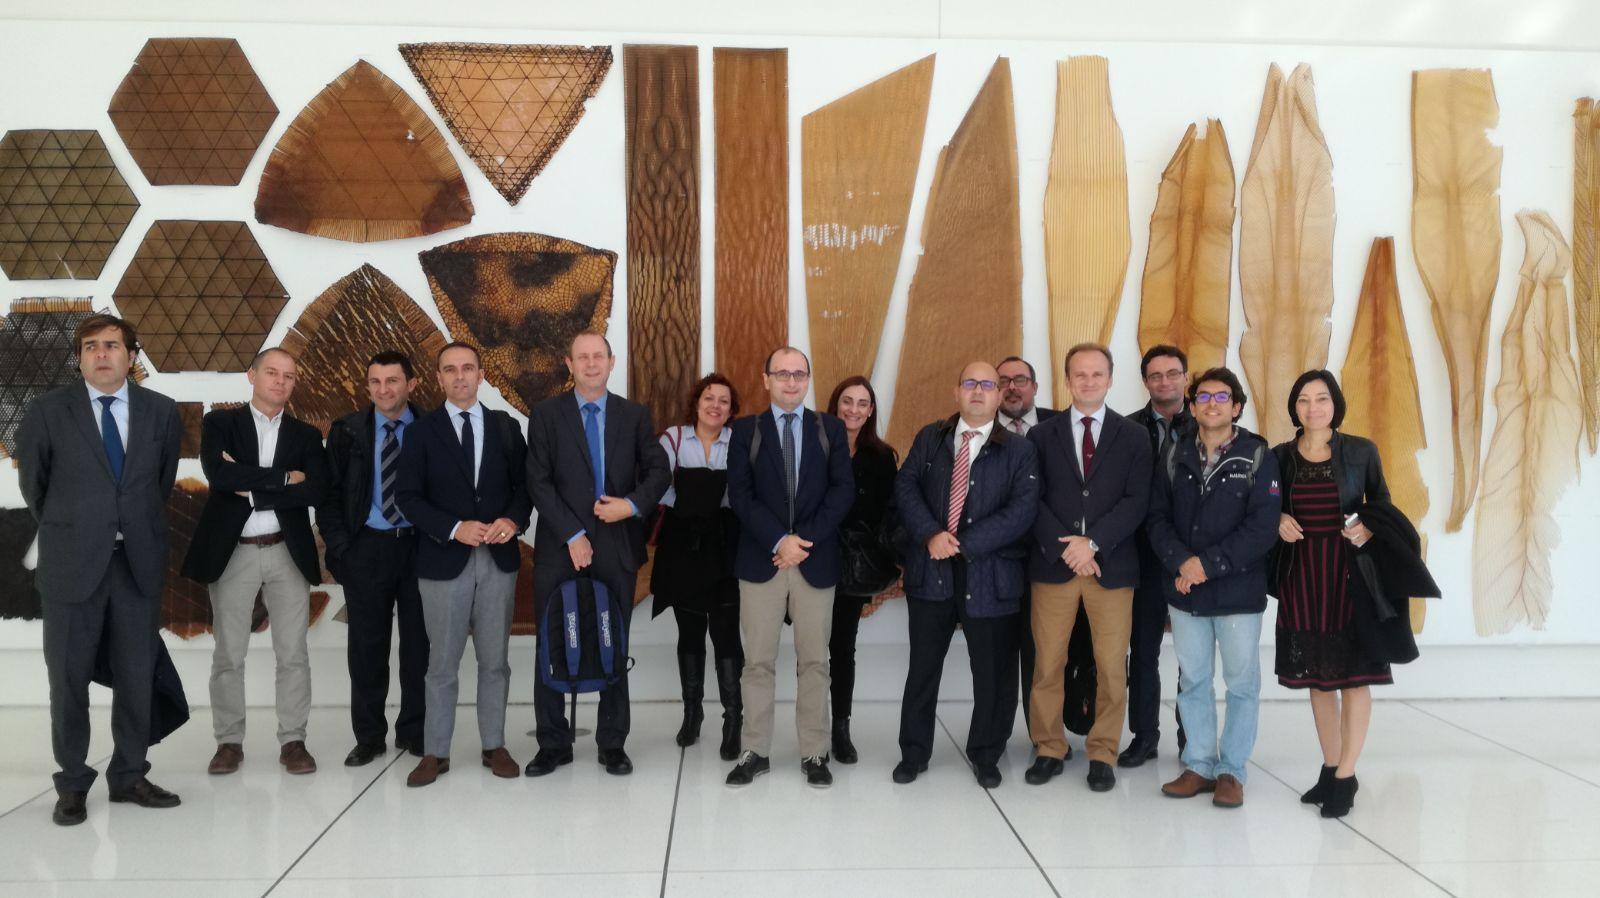 Centros Tecnologicos y el INFO visitando el MIT